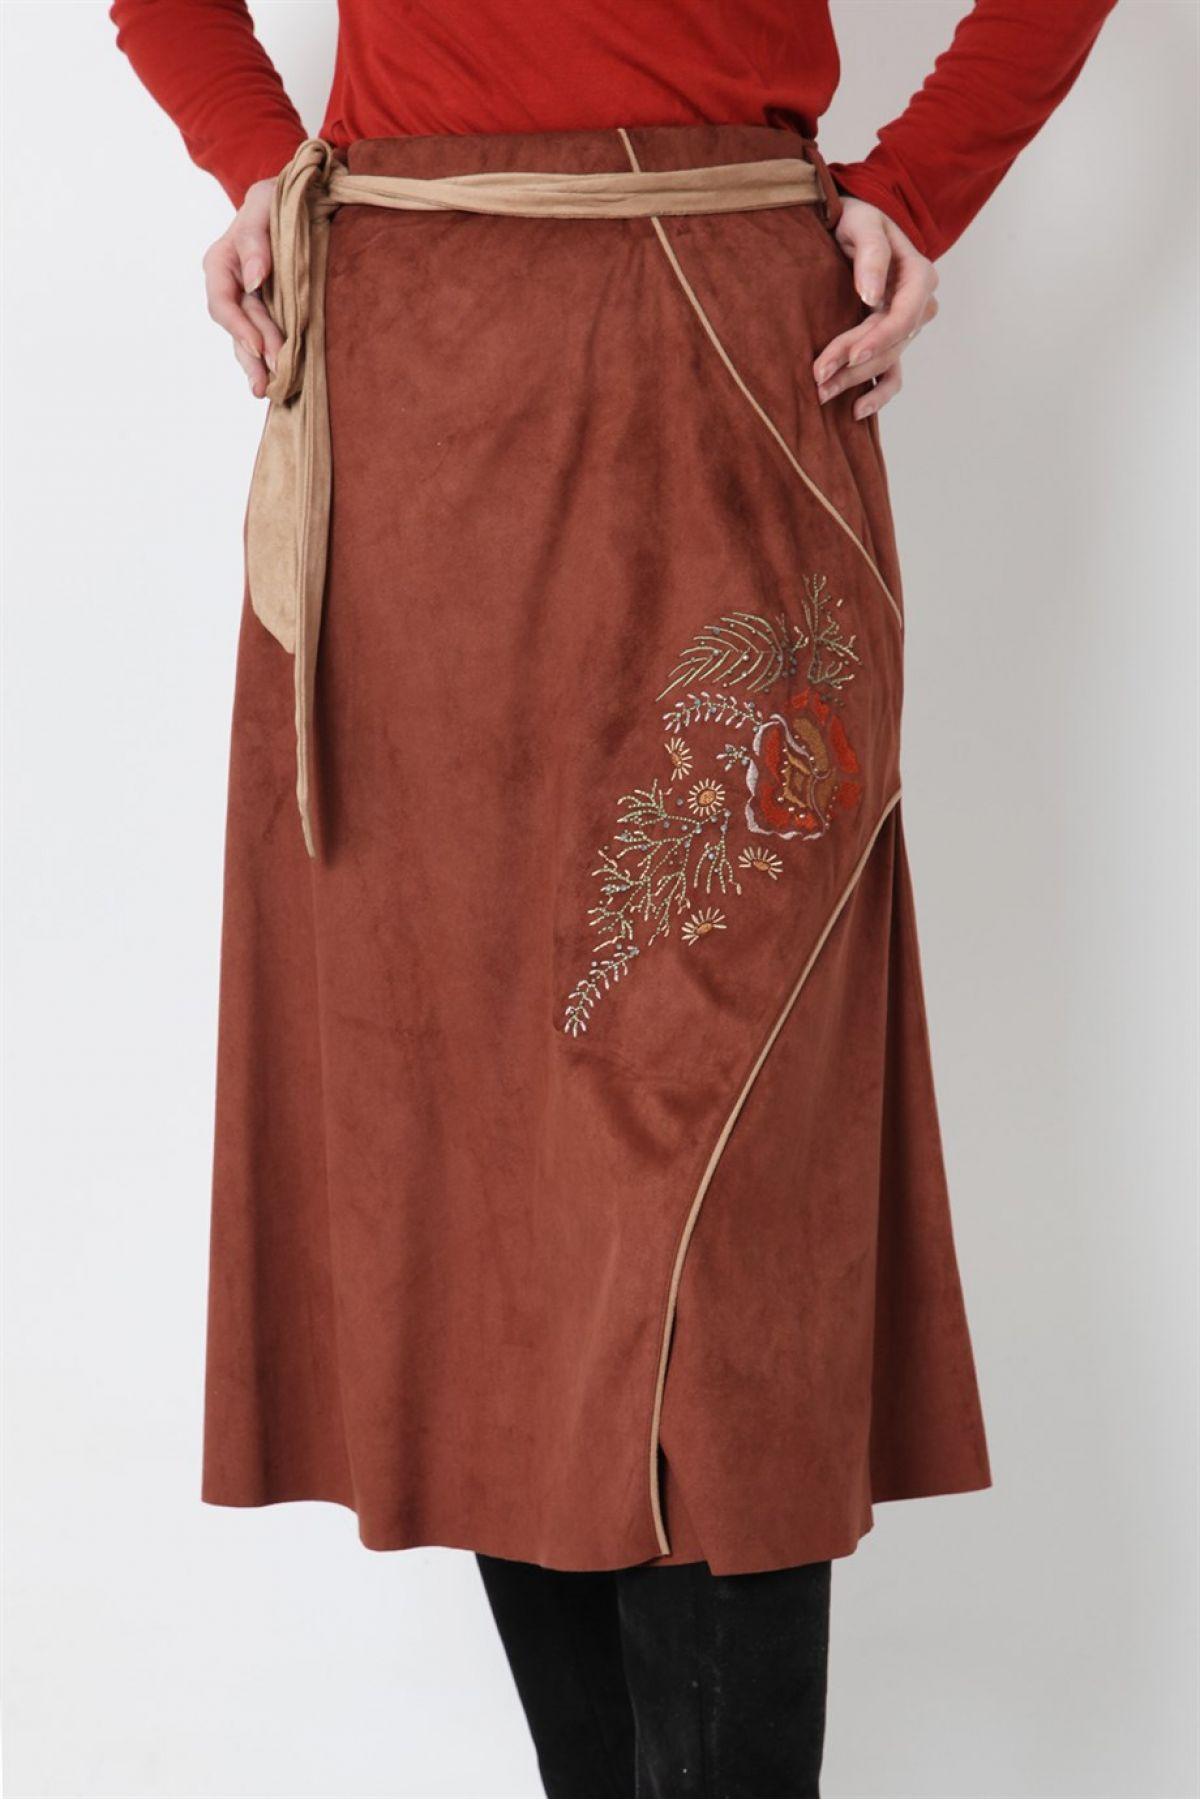 Long Skirts-Terracotta